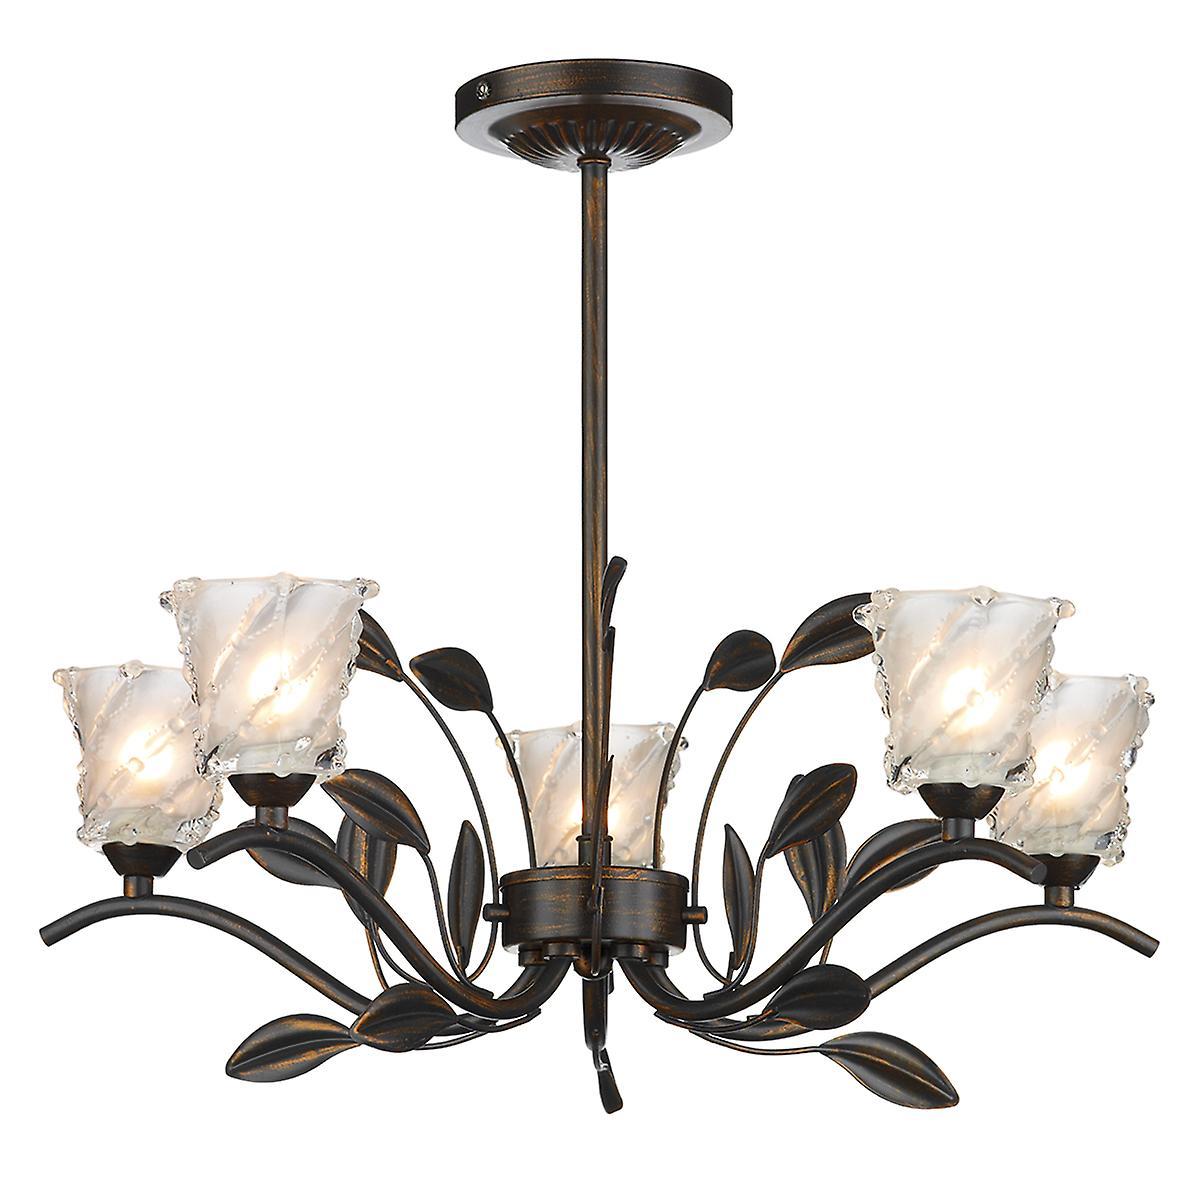 Dar PRU0563 Prunella Traditional 5 Light Semi-Flush Ceiling Light In Bronze